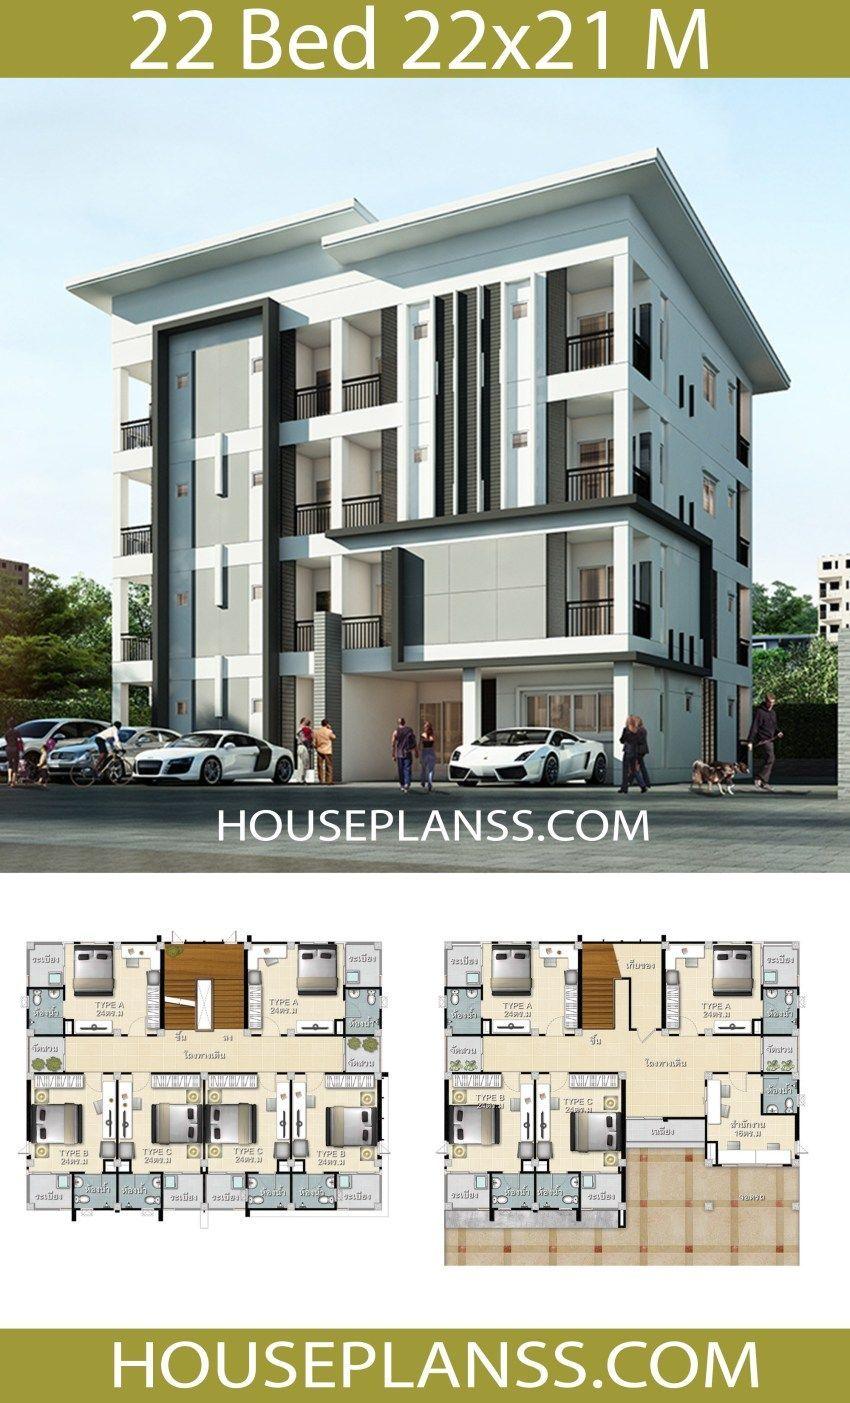 Apartment Plans 22x21 With 22 Bedrooms House Plans Sam Denah Lantai Rumah Desain Rumah Denah Lantai